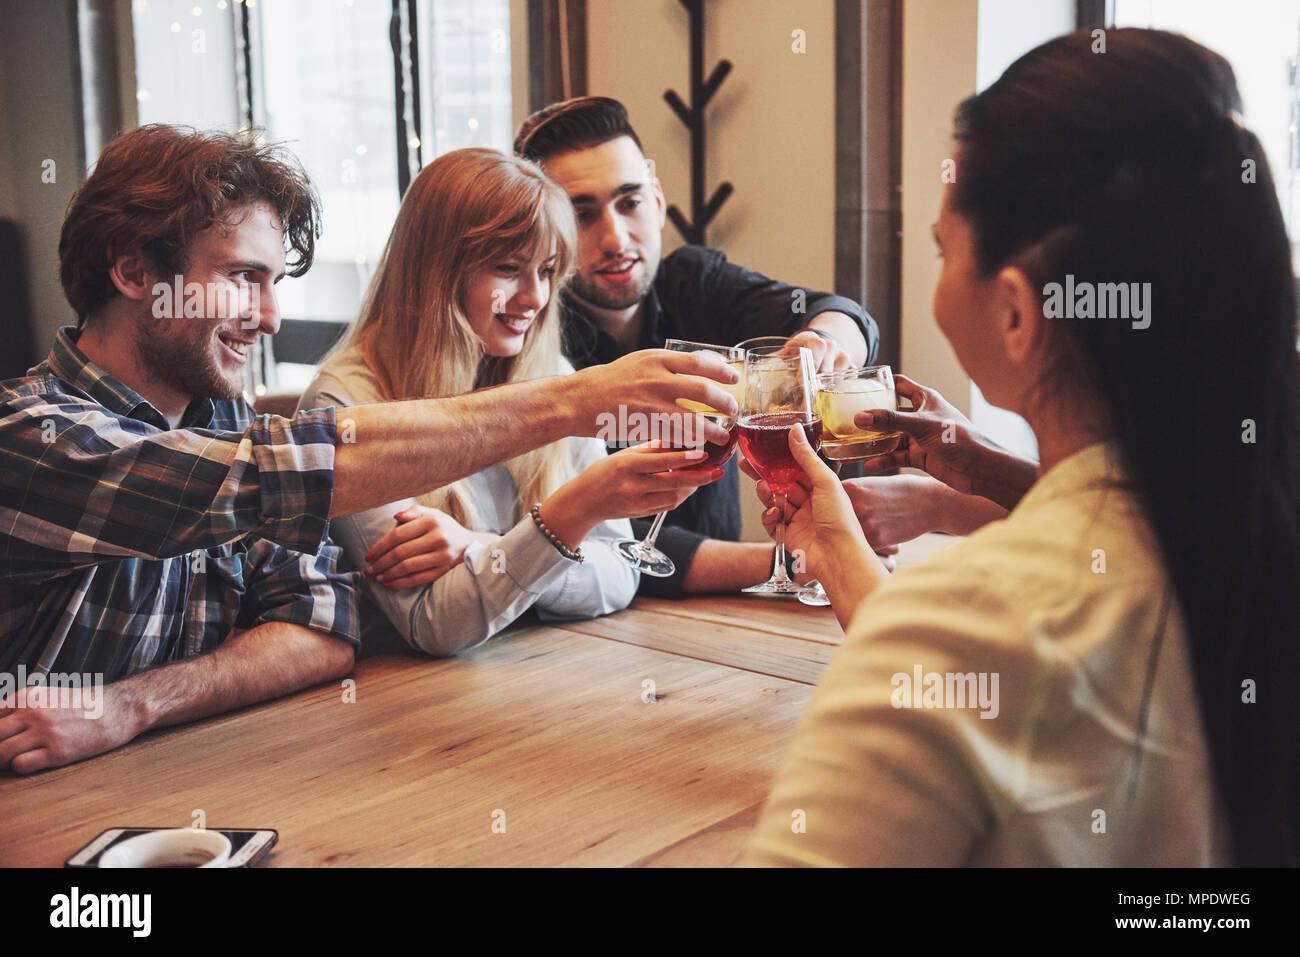 Grupo de jóvenes amigos divirtiéndose y riendo mientras cena en una mesa en el restaurante Imagen De Stock